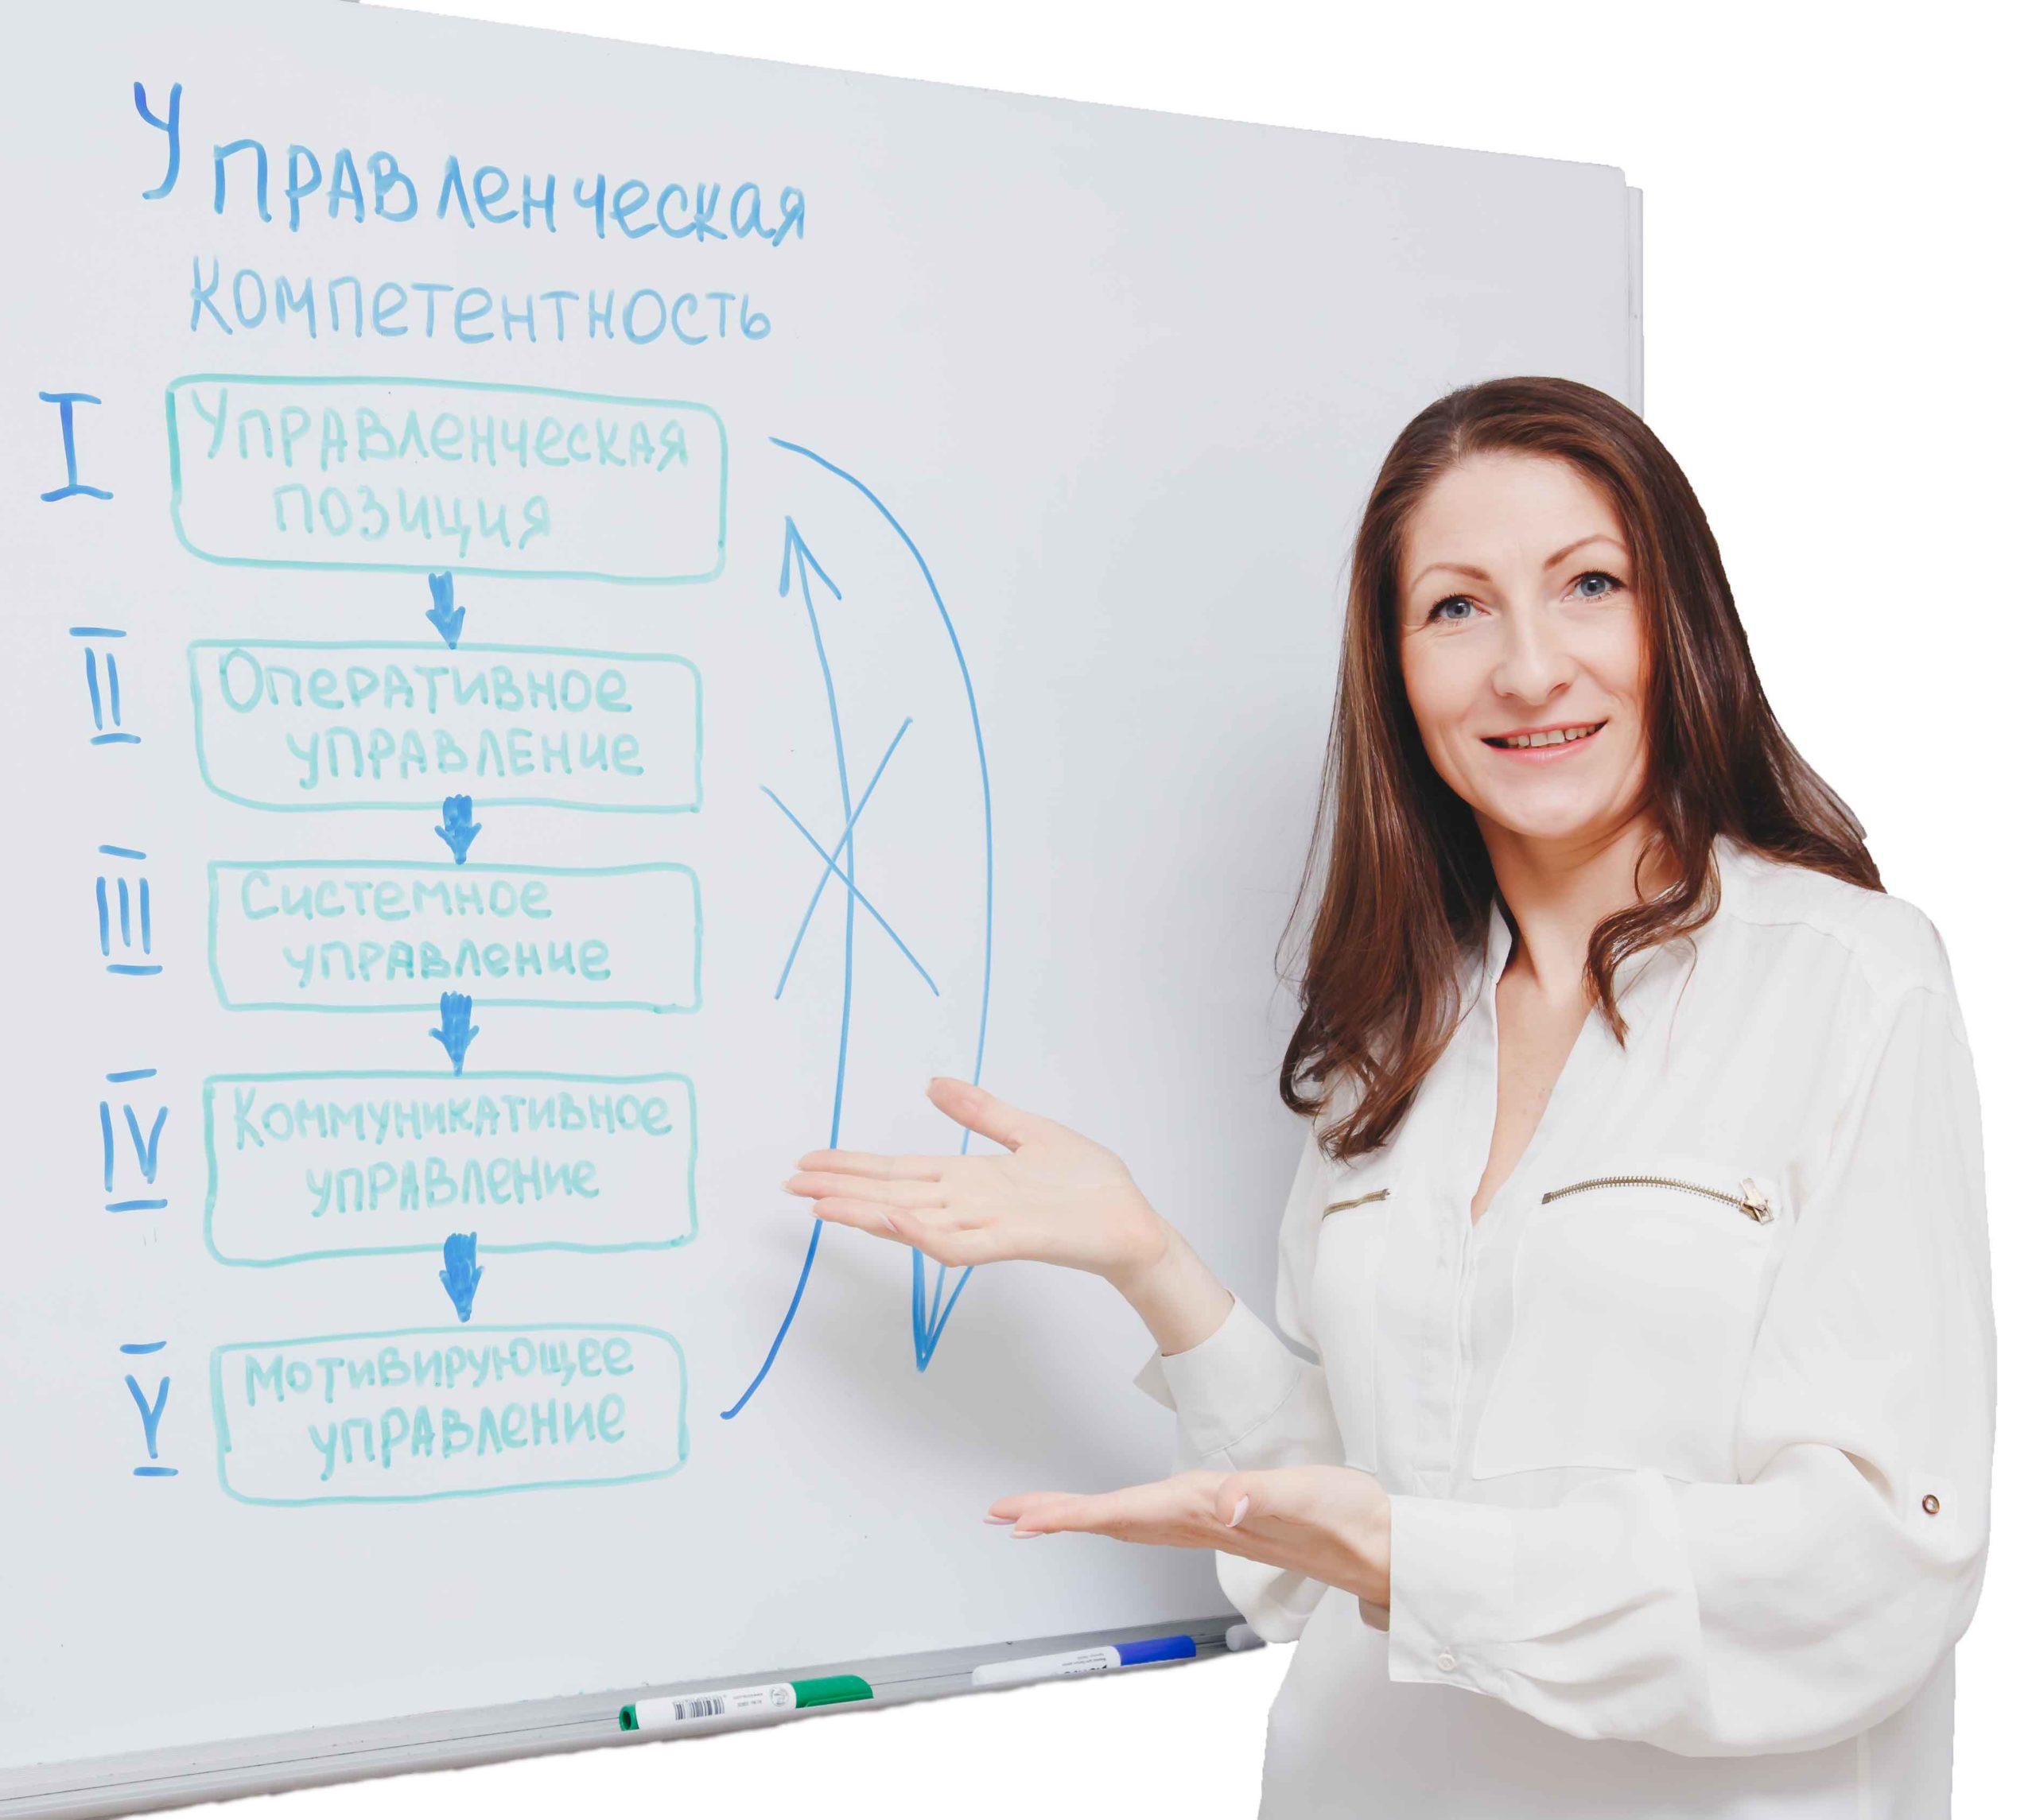 Мария Цуркан проводит урок у доски